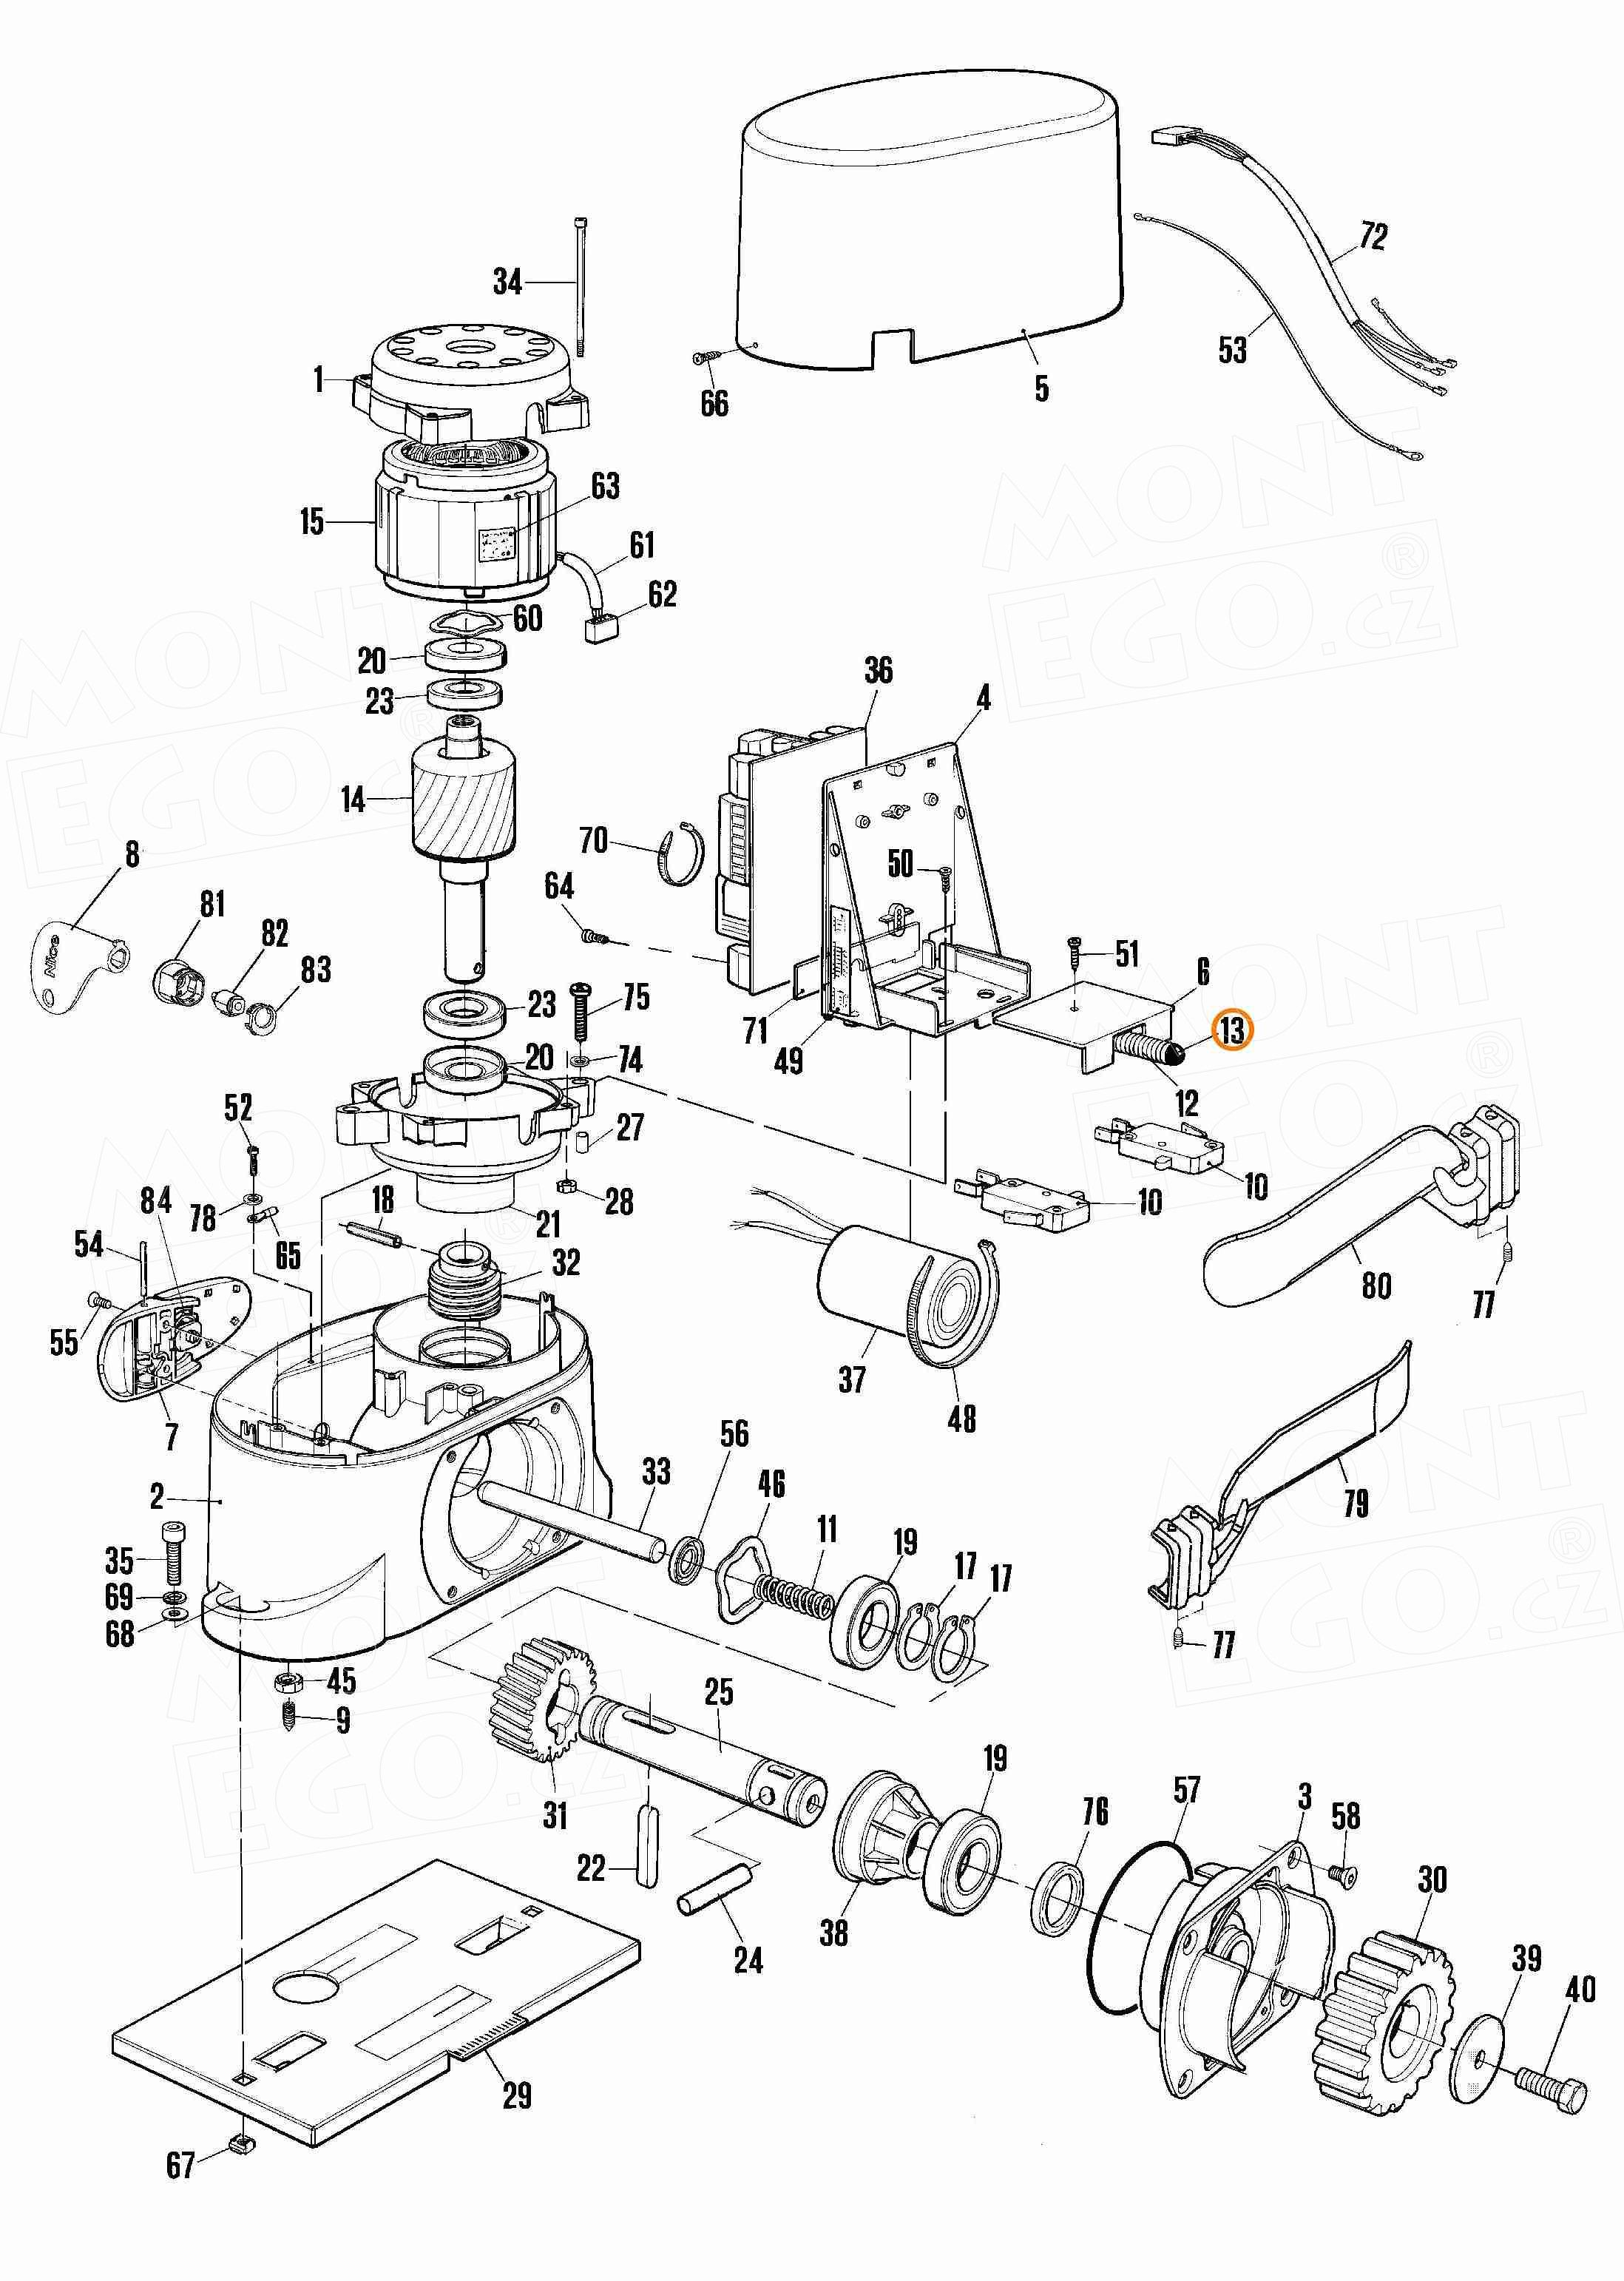 PPD1183.4540 krytka pružinky koncového spínače posuvných pohonů Nice Robo a Thor